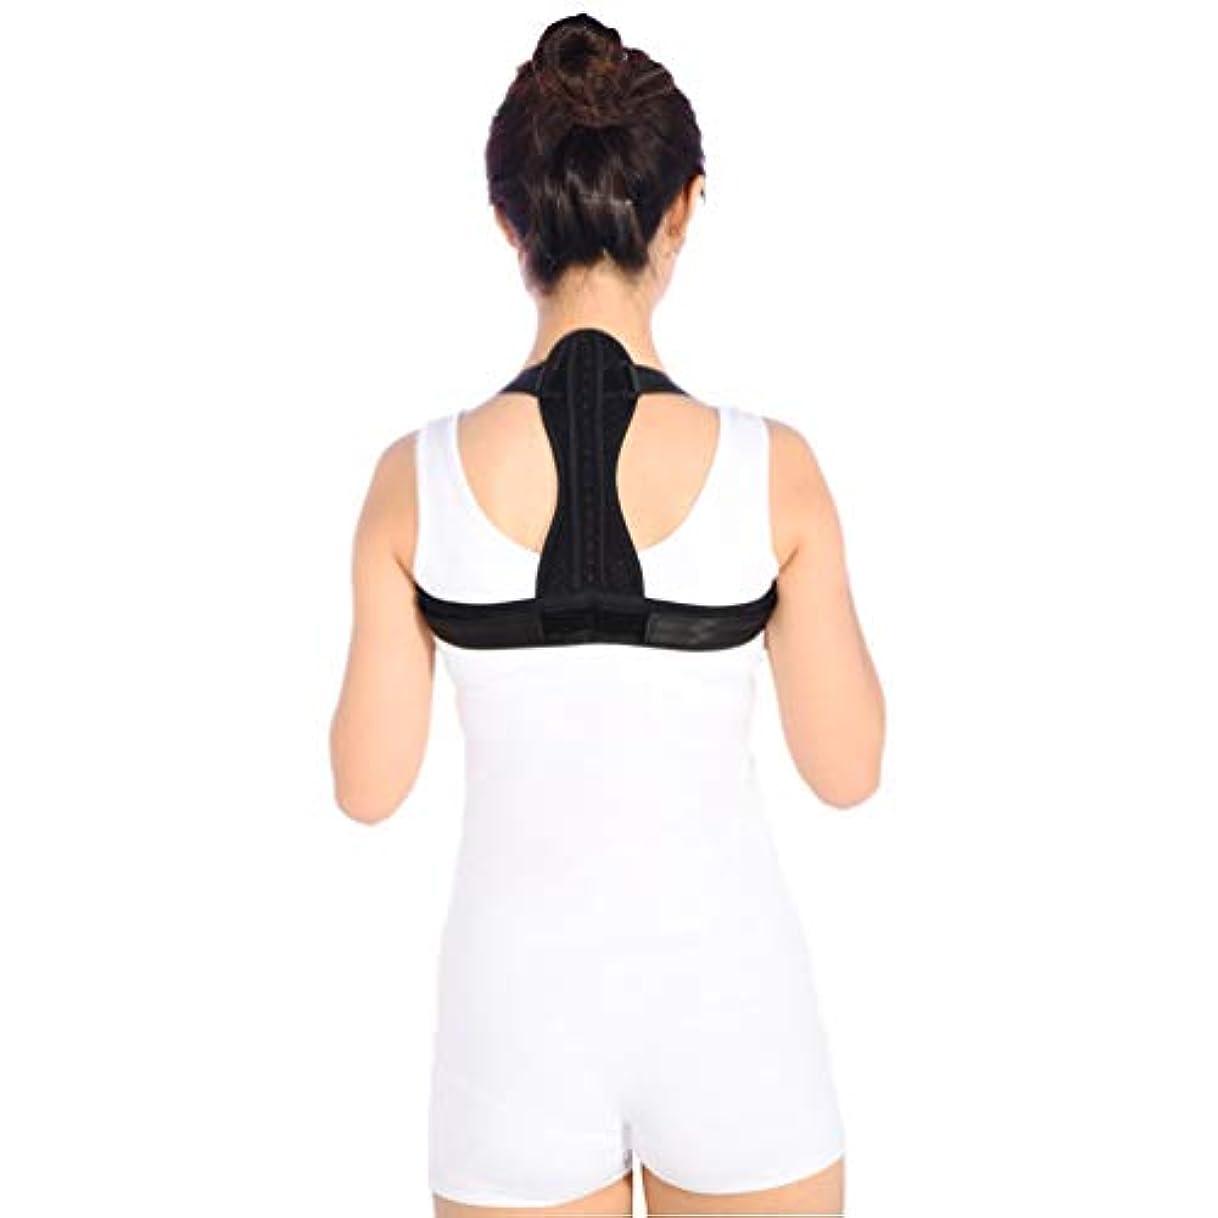 実り多い満足できる乱暴な通気性の脊柱側弯症ザトウクジラ補正ベルト調節可能な快適さ目に見えないベルト男性女性大人学生子供 - 黒